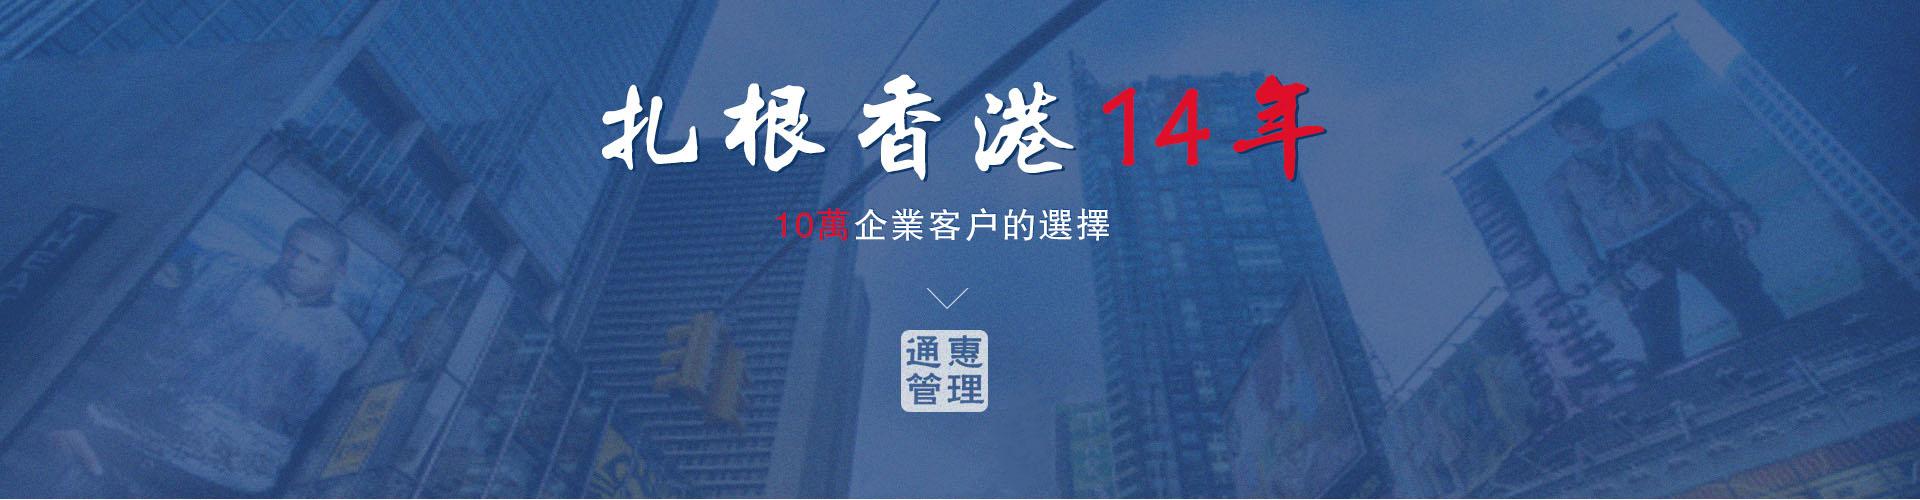 香港公司注册-通惠管理顾问